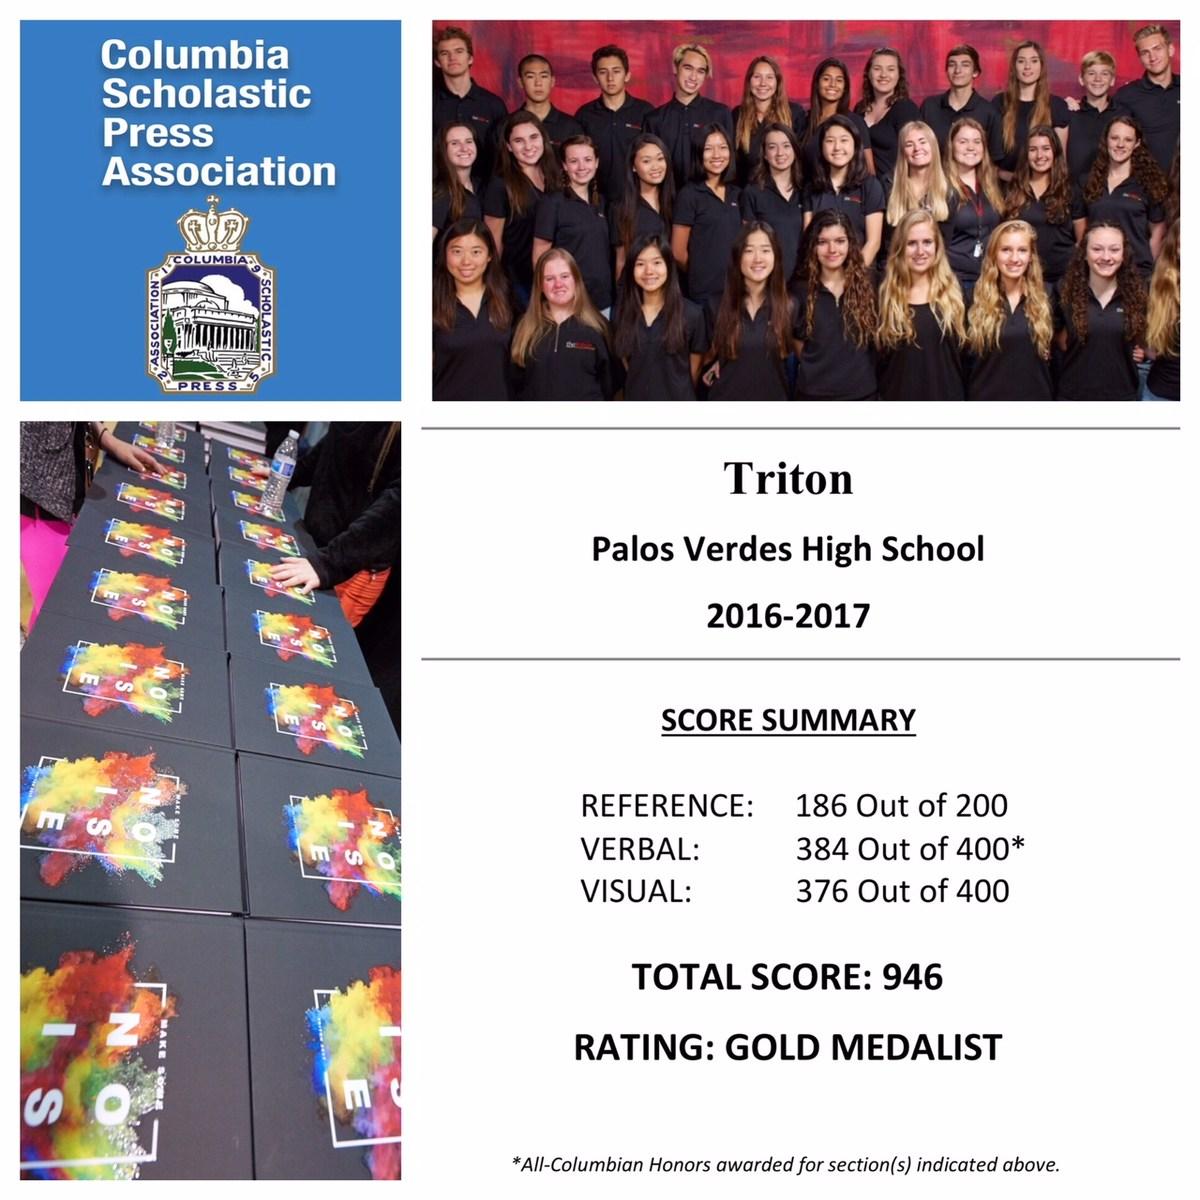 CSPA Triton Gold Medalist 2016-17